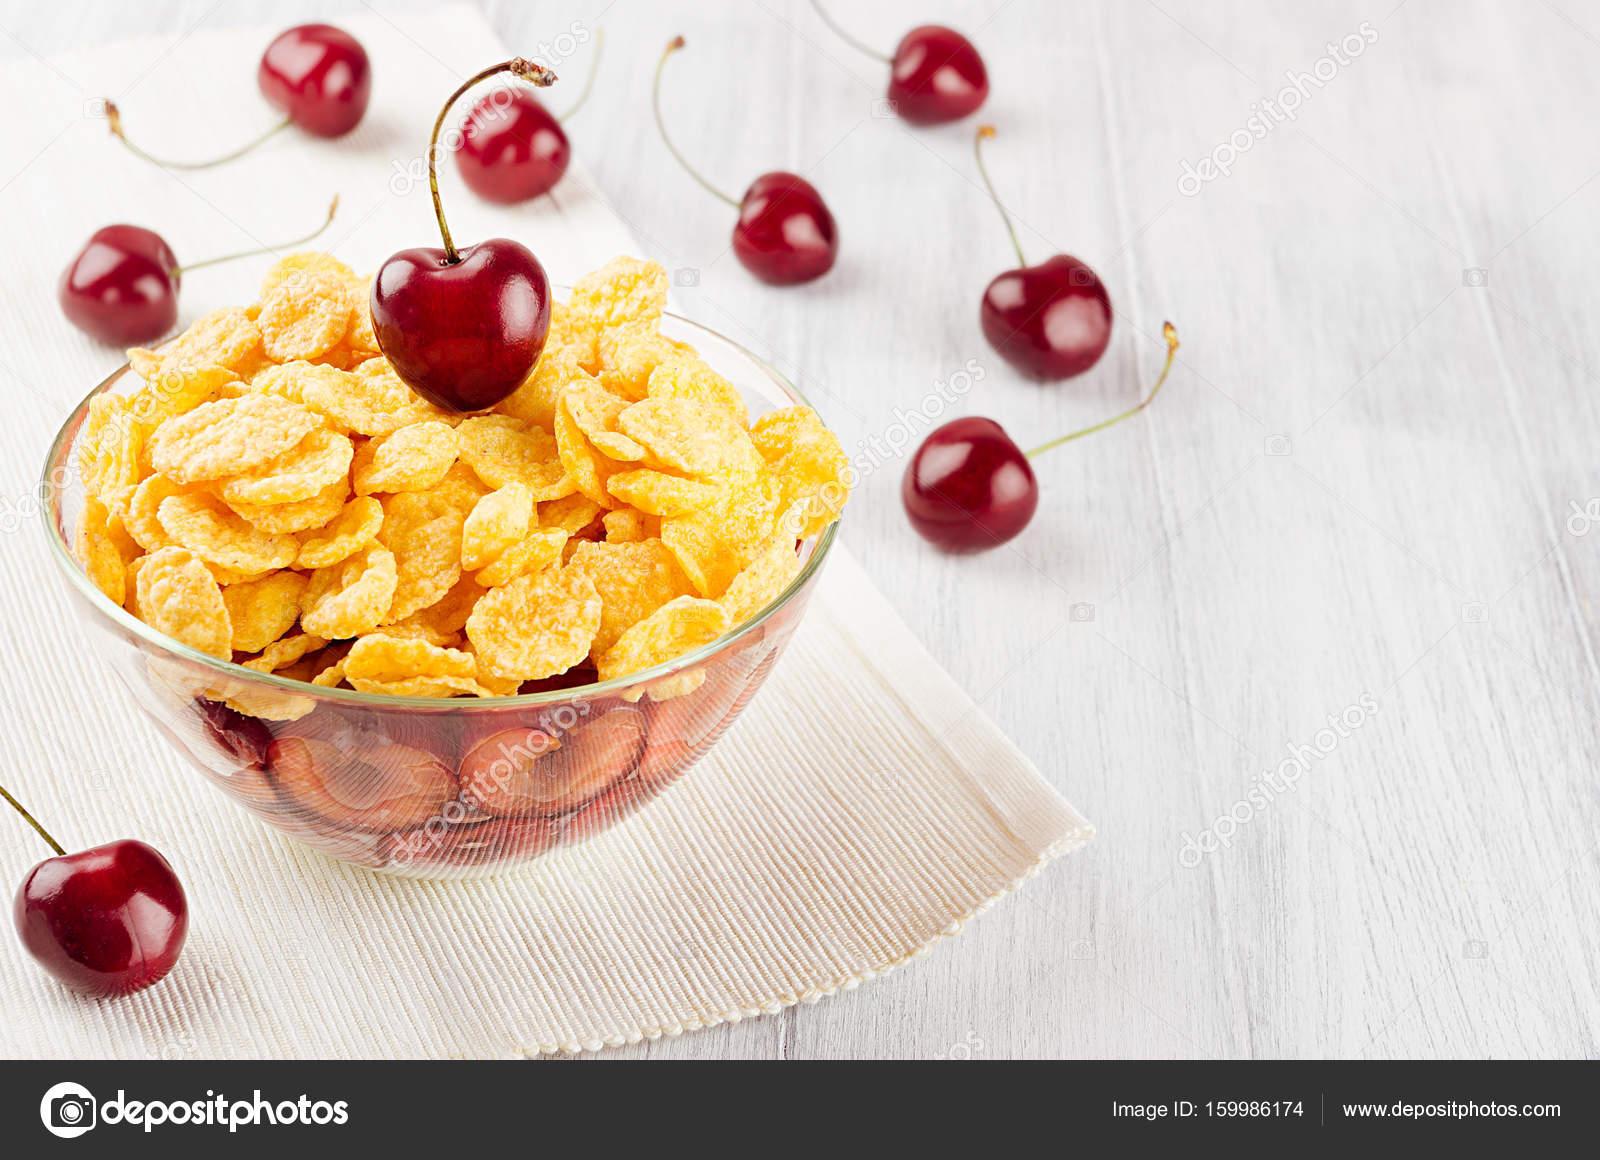 Fruhstuck Mit Goldenen Cornflakes Reife Kirschen Auf Weissem Holz